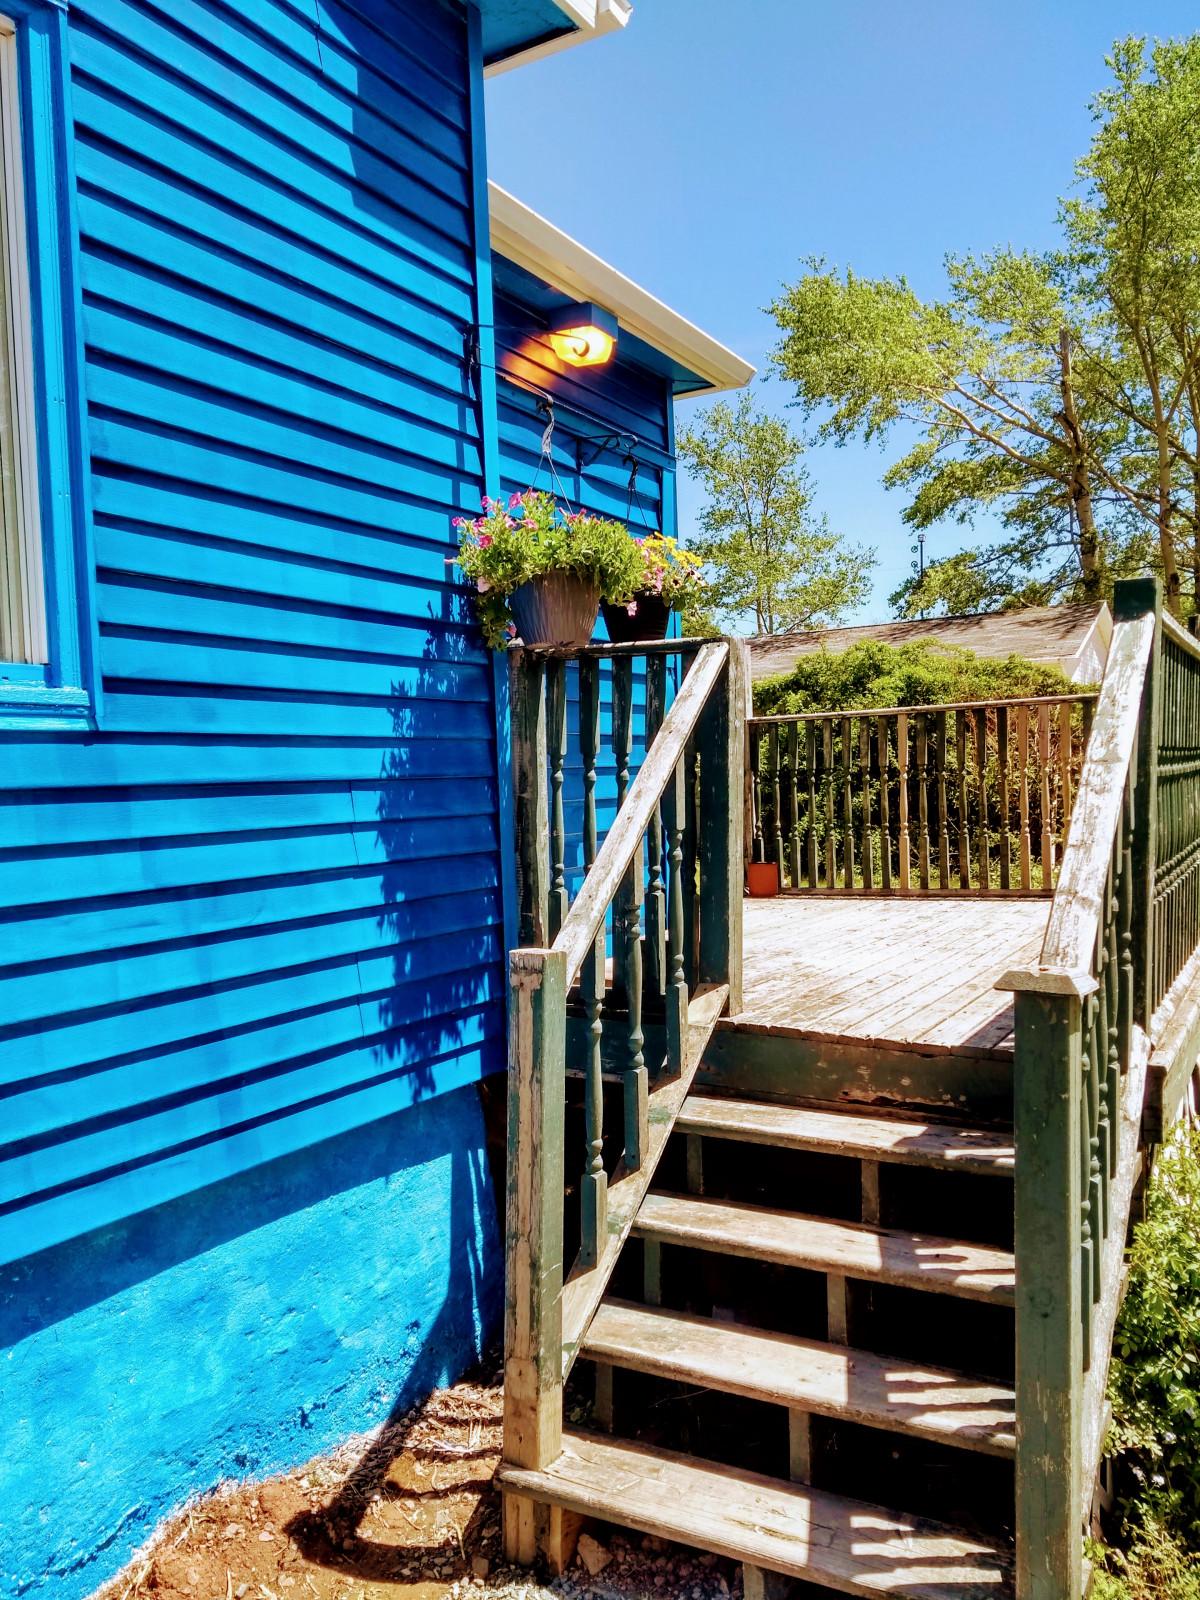 Breton House: Gateway to Cape Breton